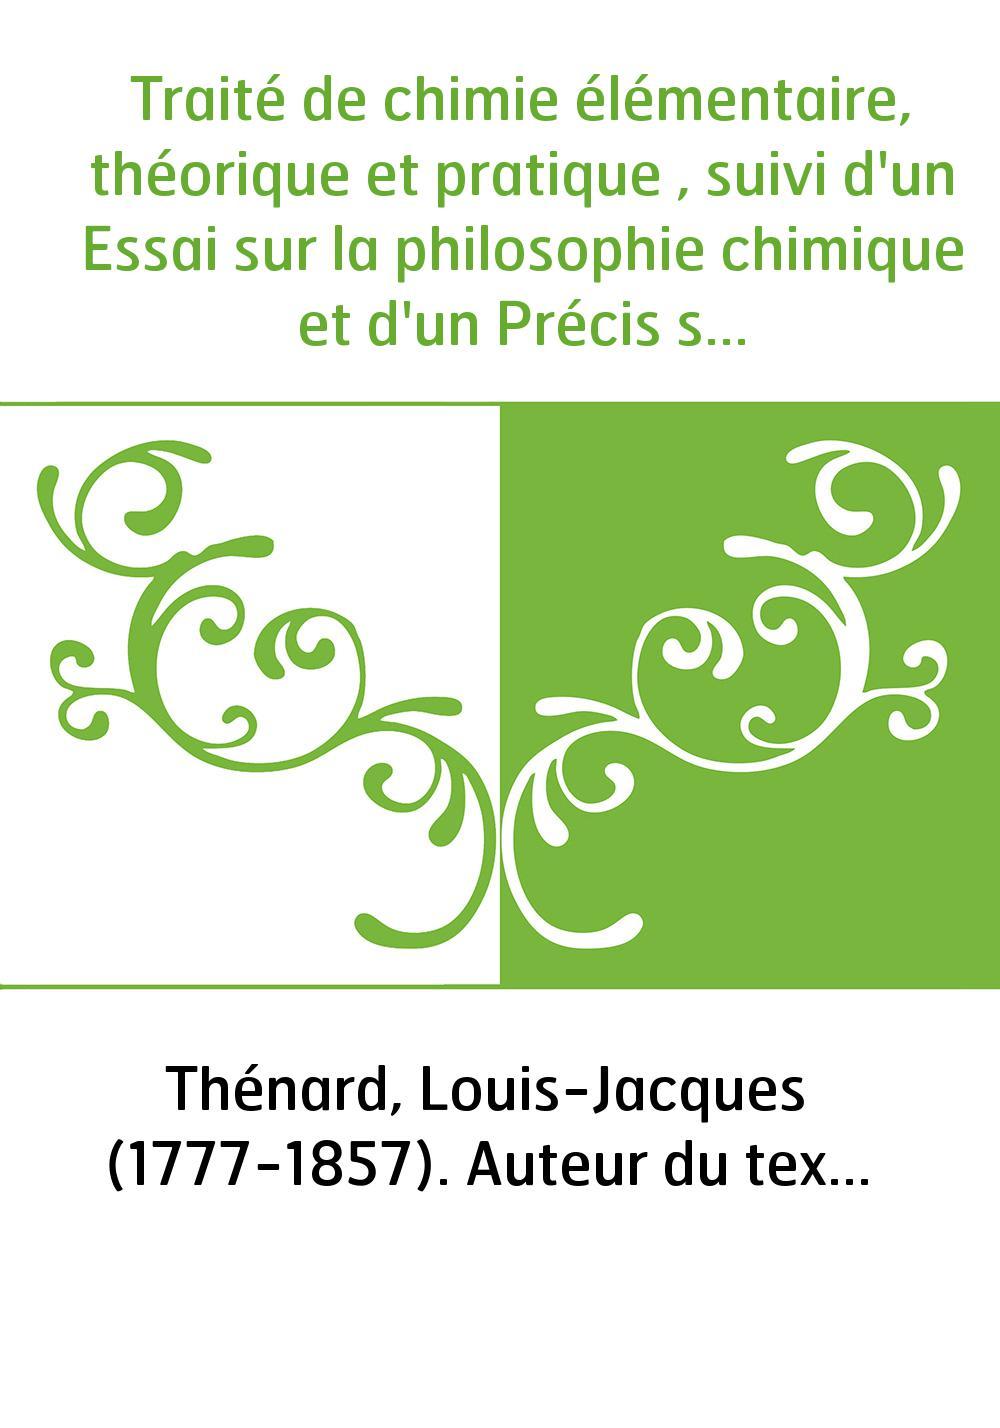 Traité de chimie élémentaire, théorique et pratique , suivi d'un Essai sur la philosophie chimique et d'un Précis sur l'analyse.